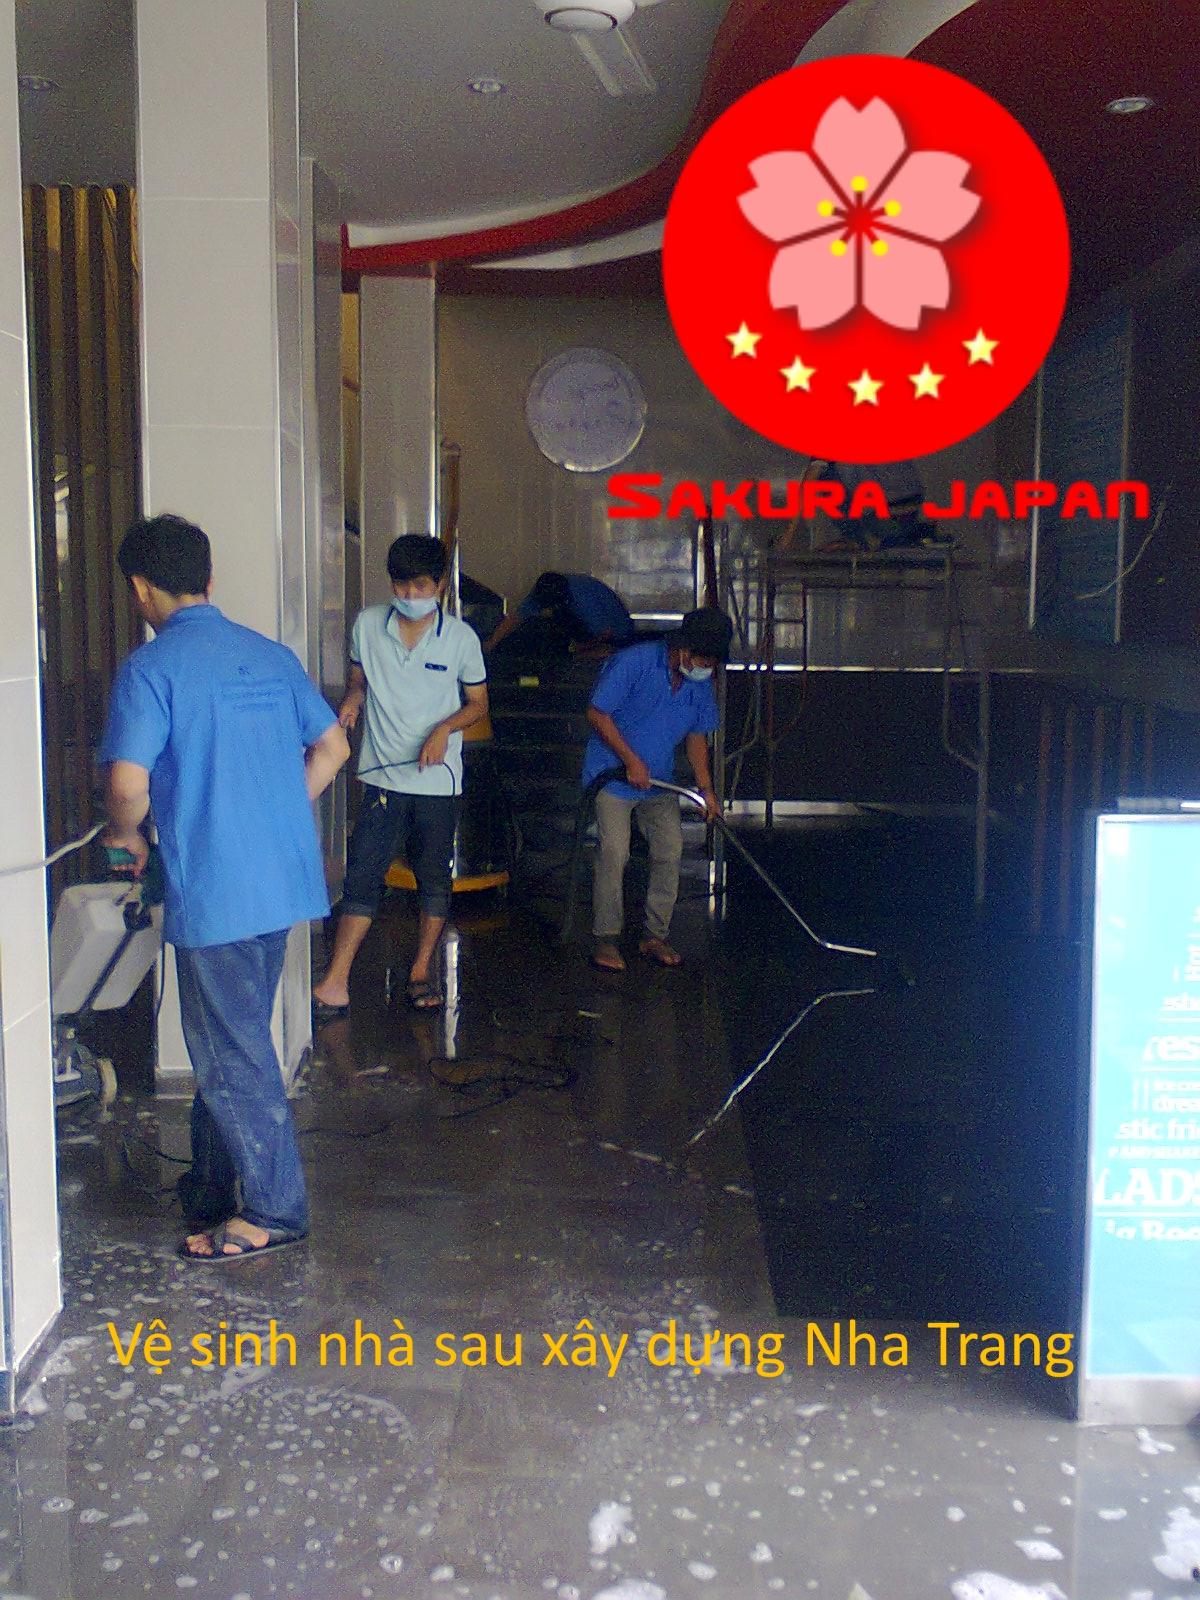 Công ty Tổng vệ sinh nhà sau xây dựng Nha Trang Sakura